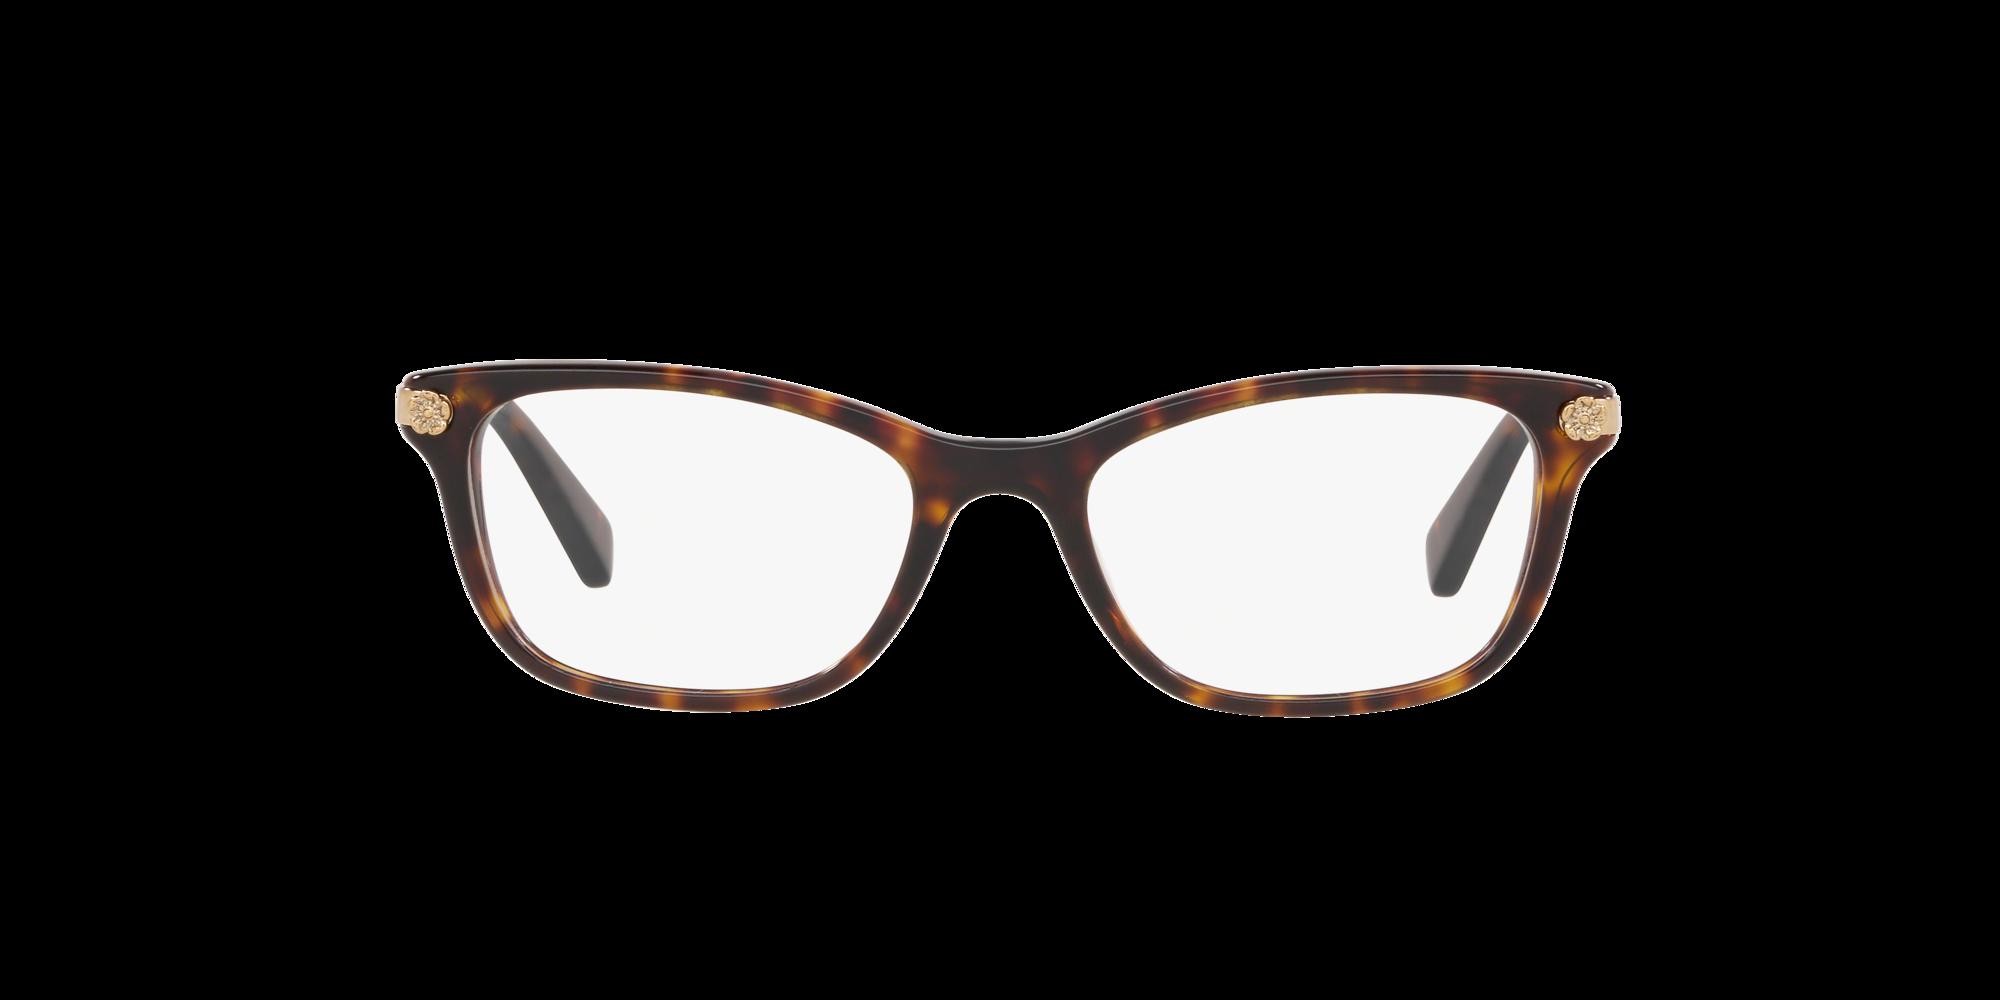 Imagen para HC6142 de LensCrafters |  Espejuelos, espejuelos graduados en línea, gafas